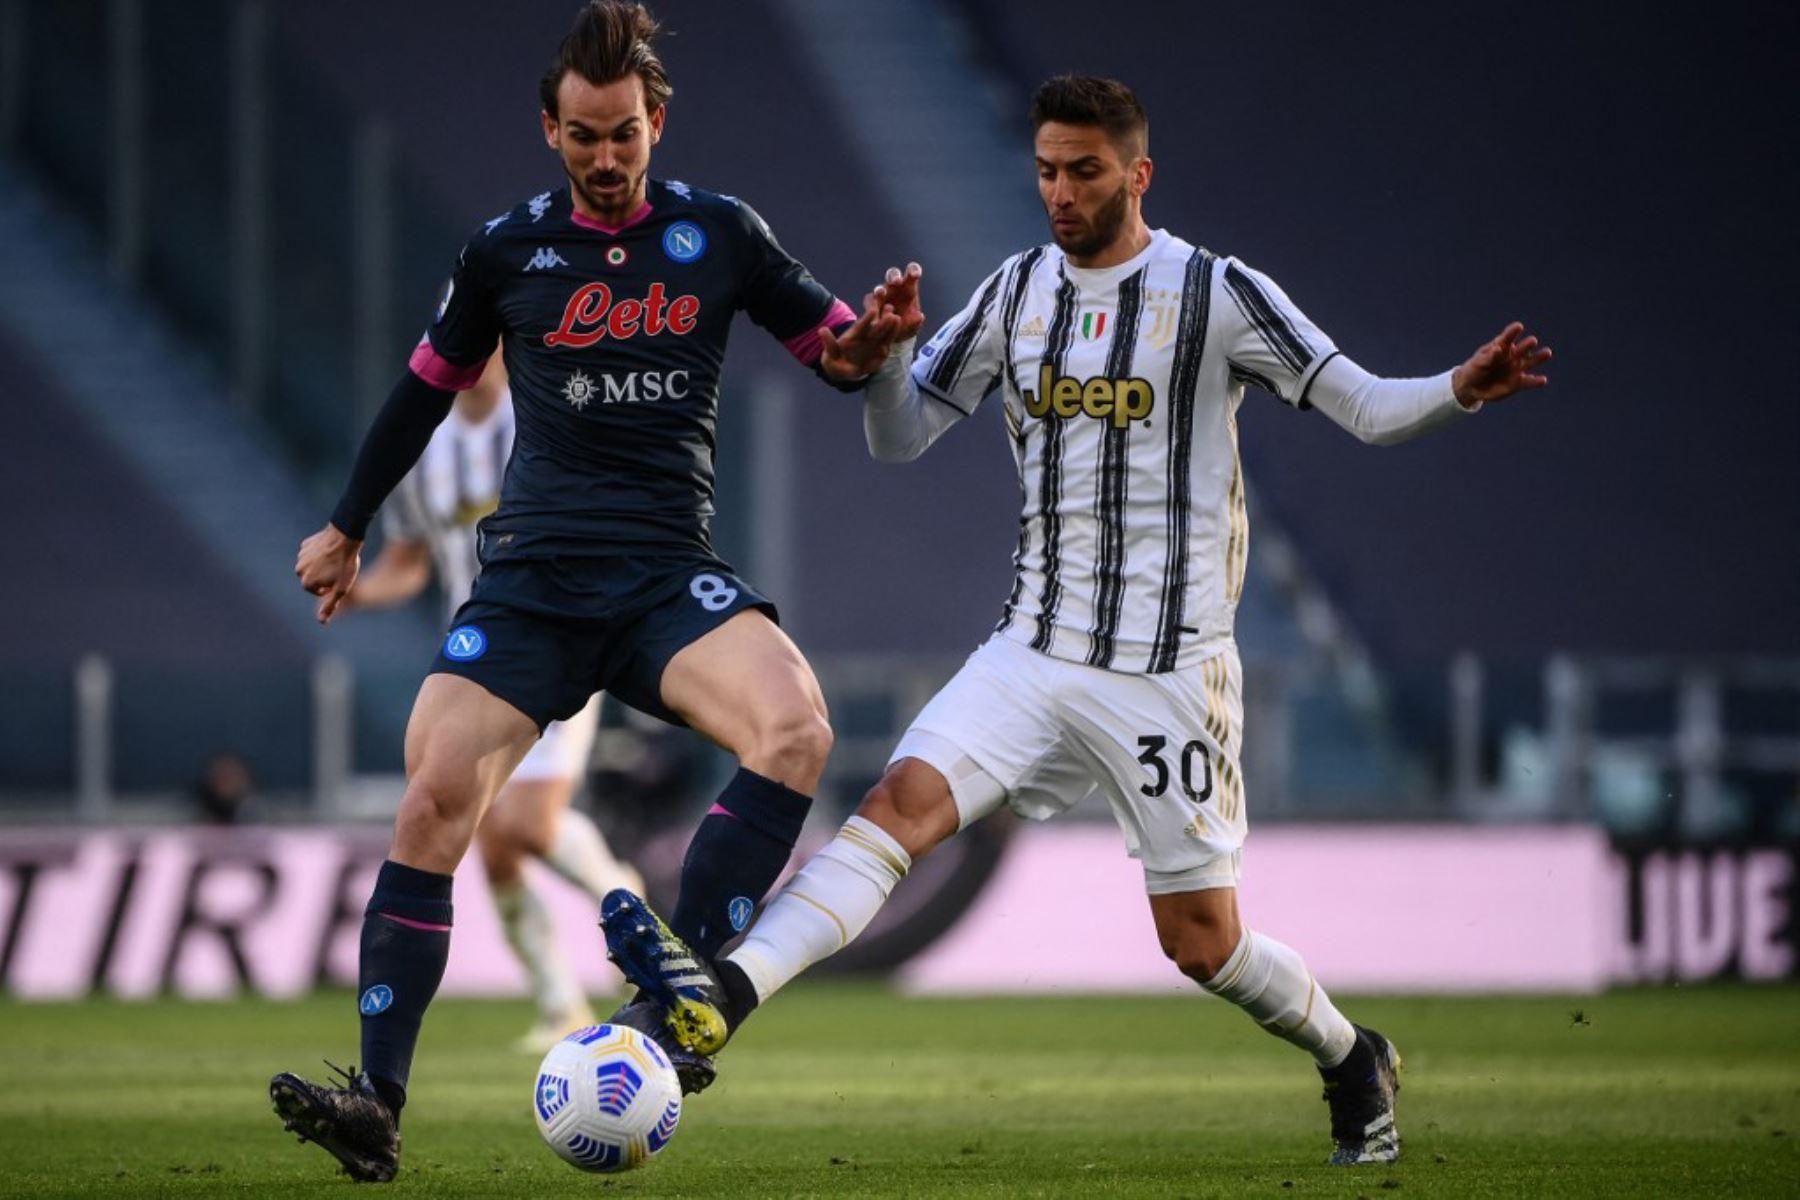 El centrocampista uruguayo de la Juventus Rodrigo Bentancur (r) aborda al mediocampista español del Napoli Fabian Ruiz durante el partido de fútbol de la Serie A italiana Juventus vs Napoli.  Foto:AFP